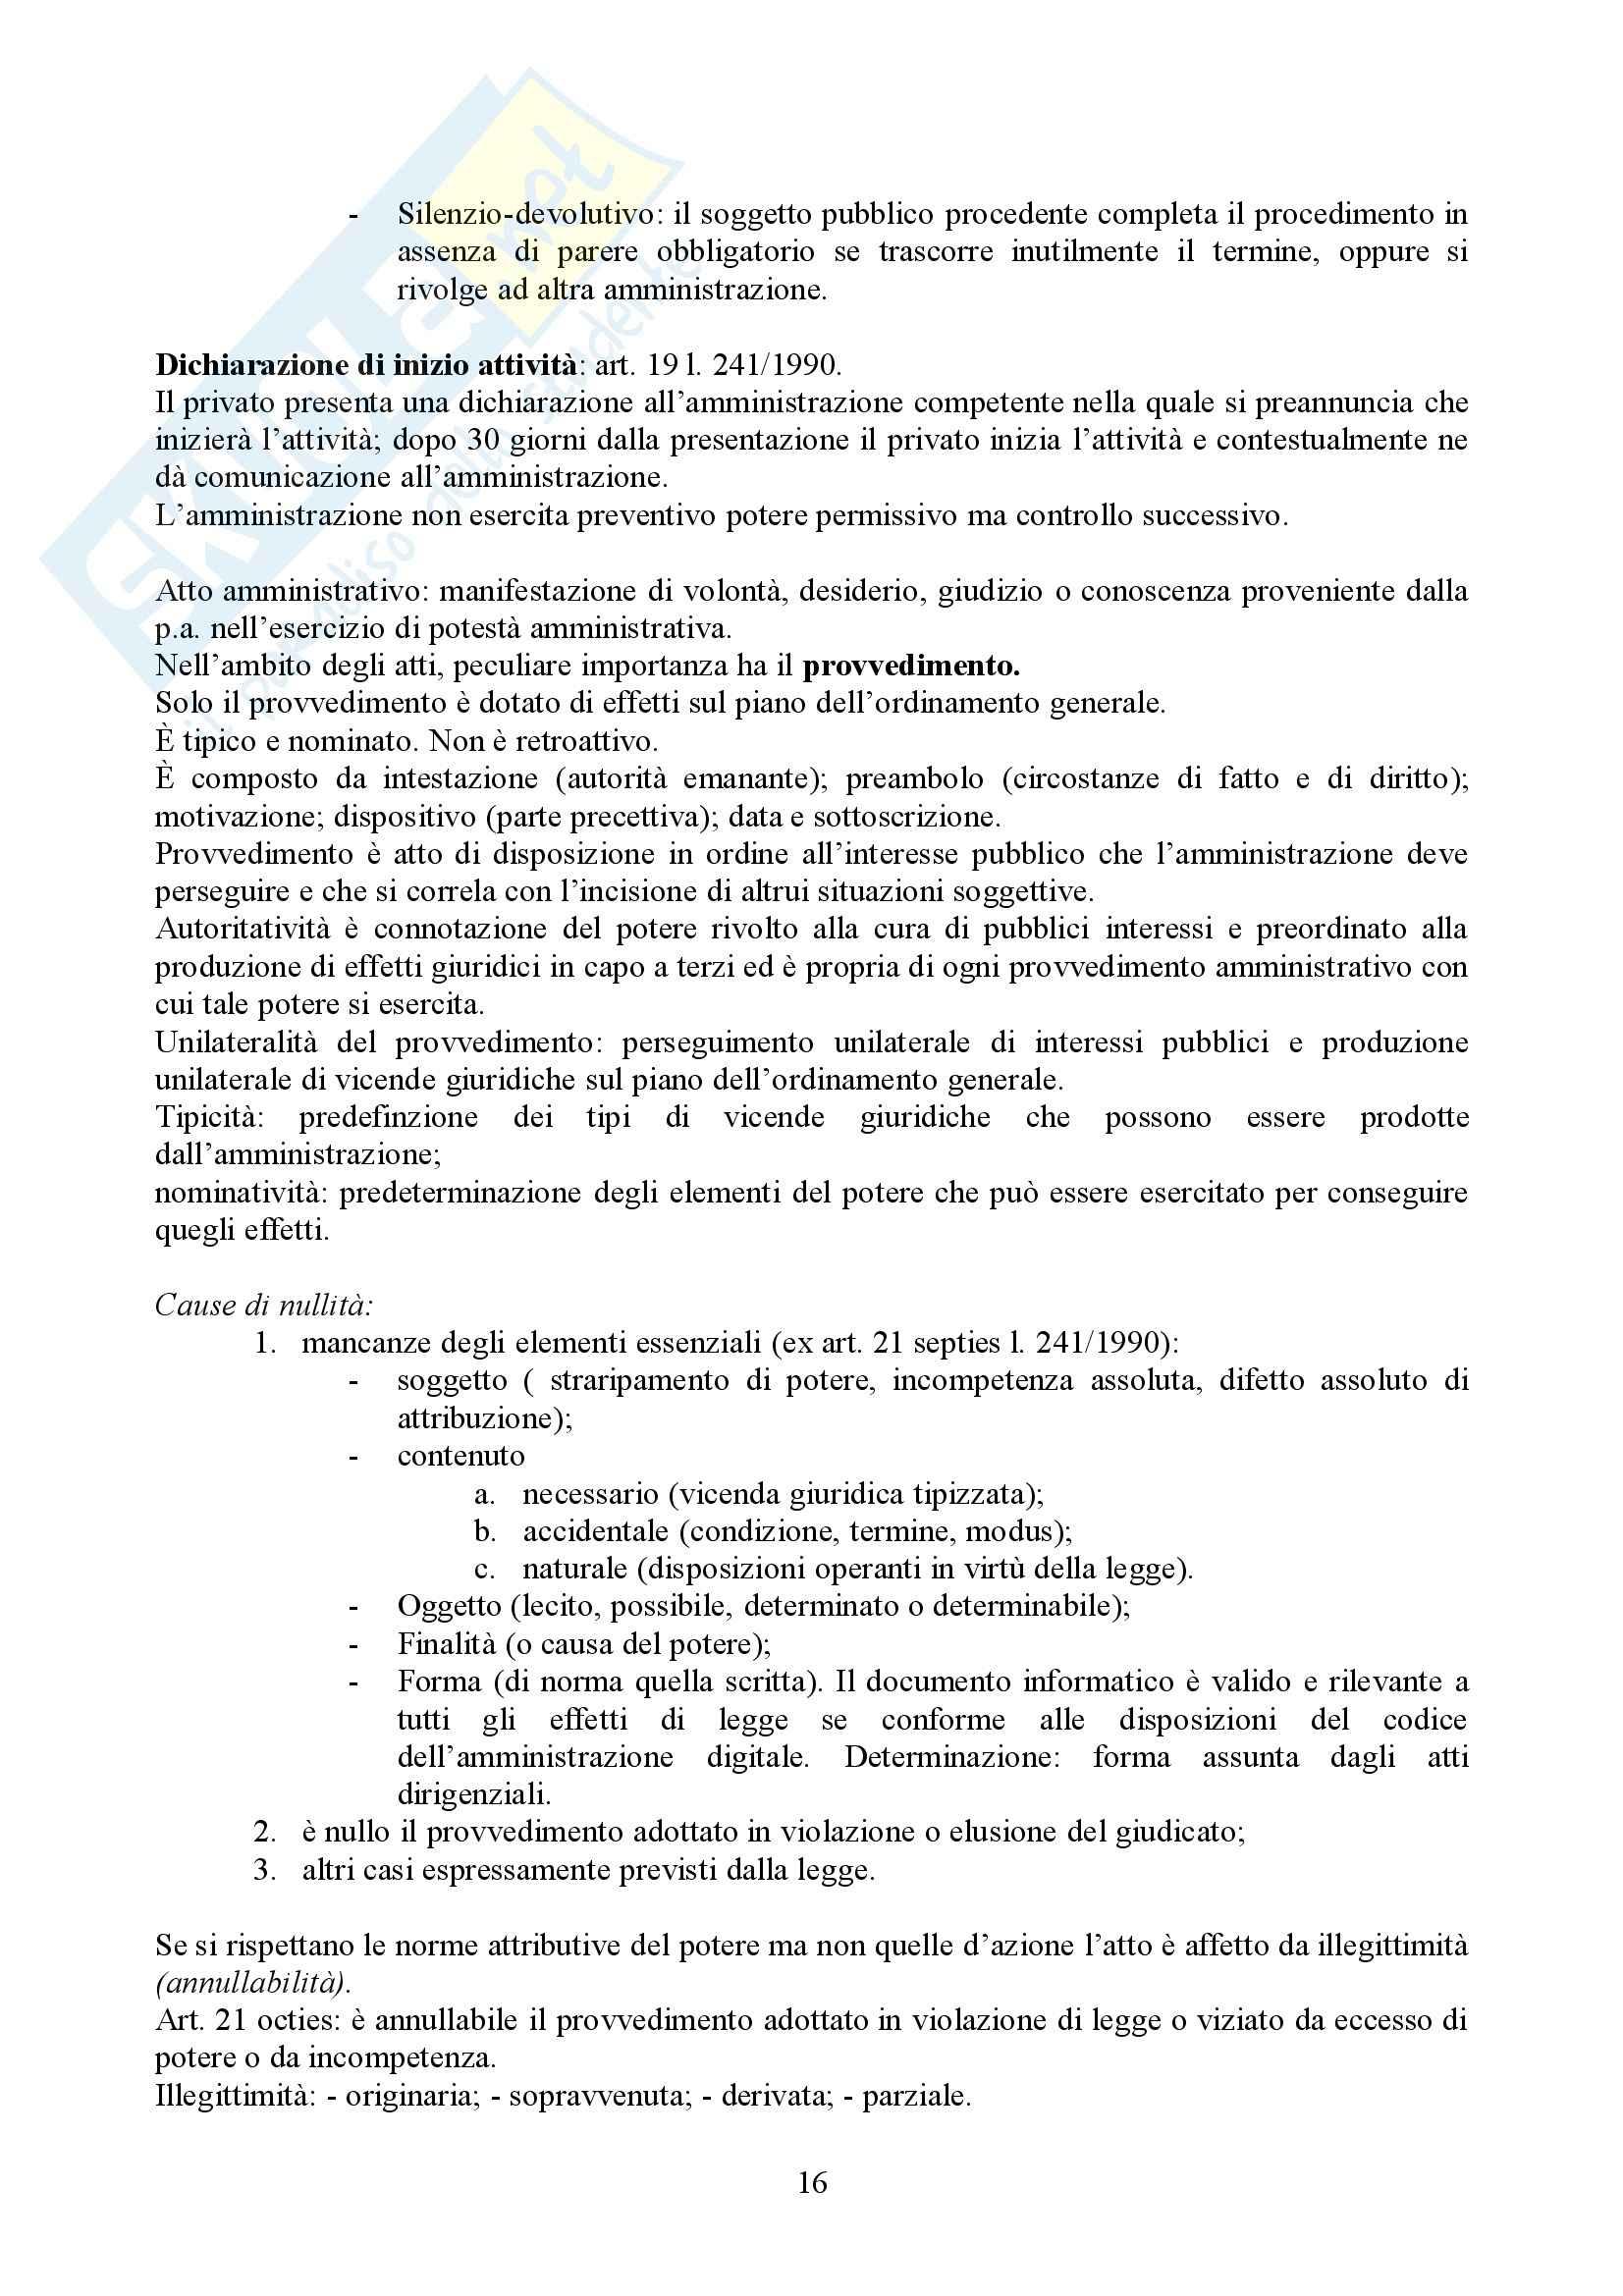 Manuale di diritto amministrativo, Casetta - Schemi Pag. 16